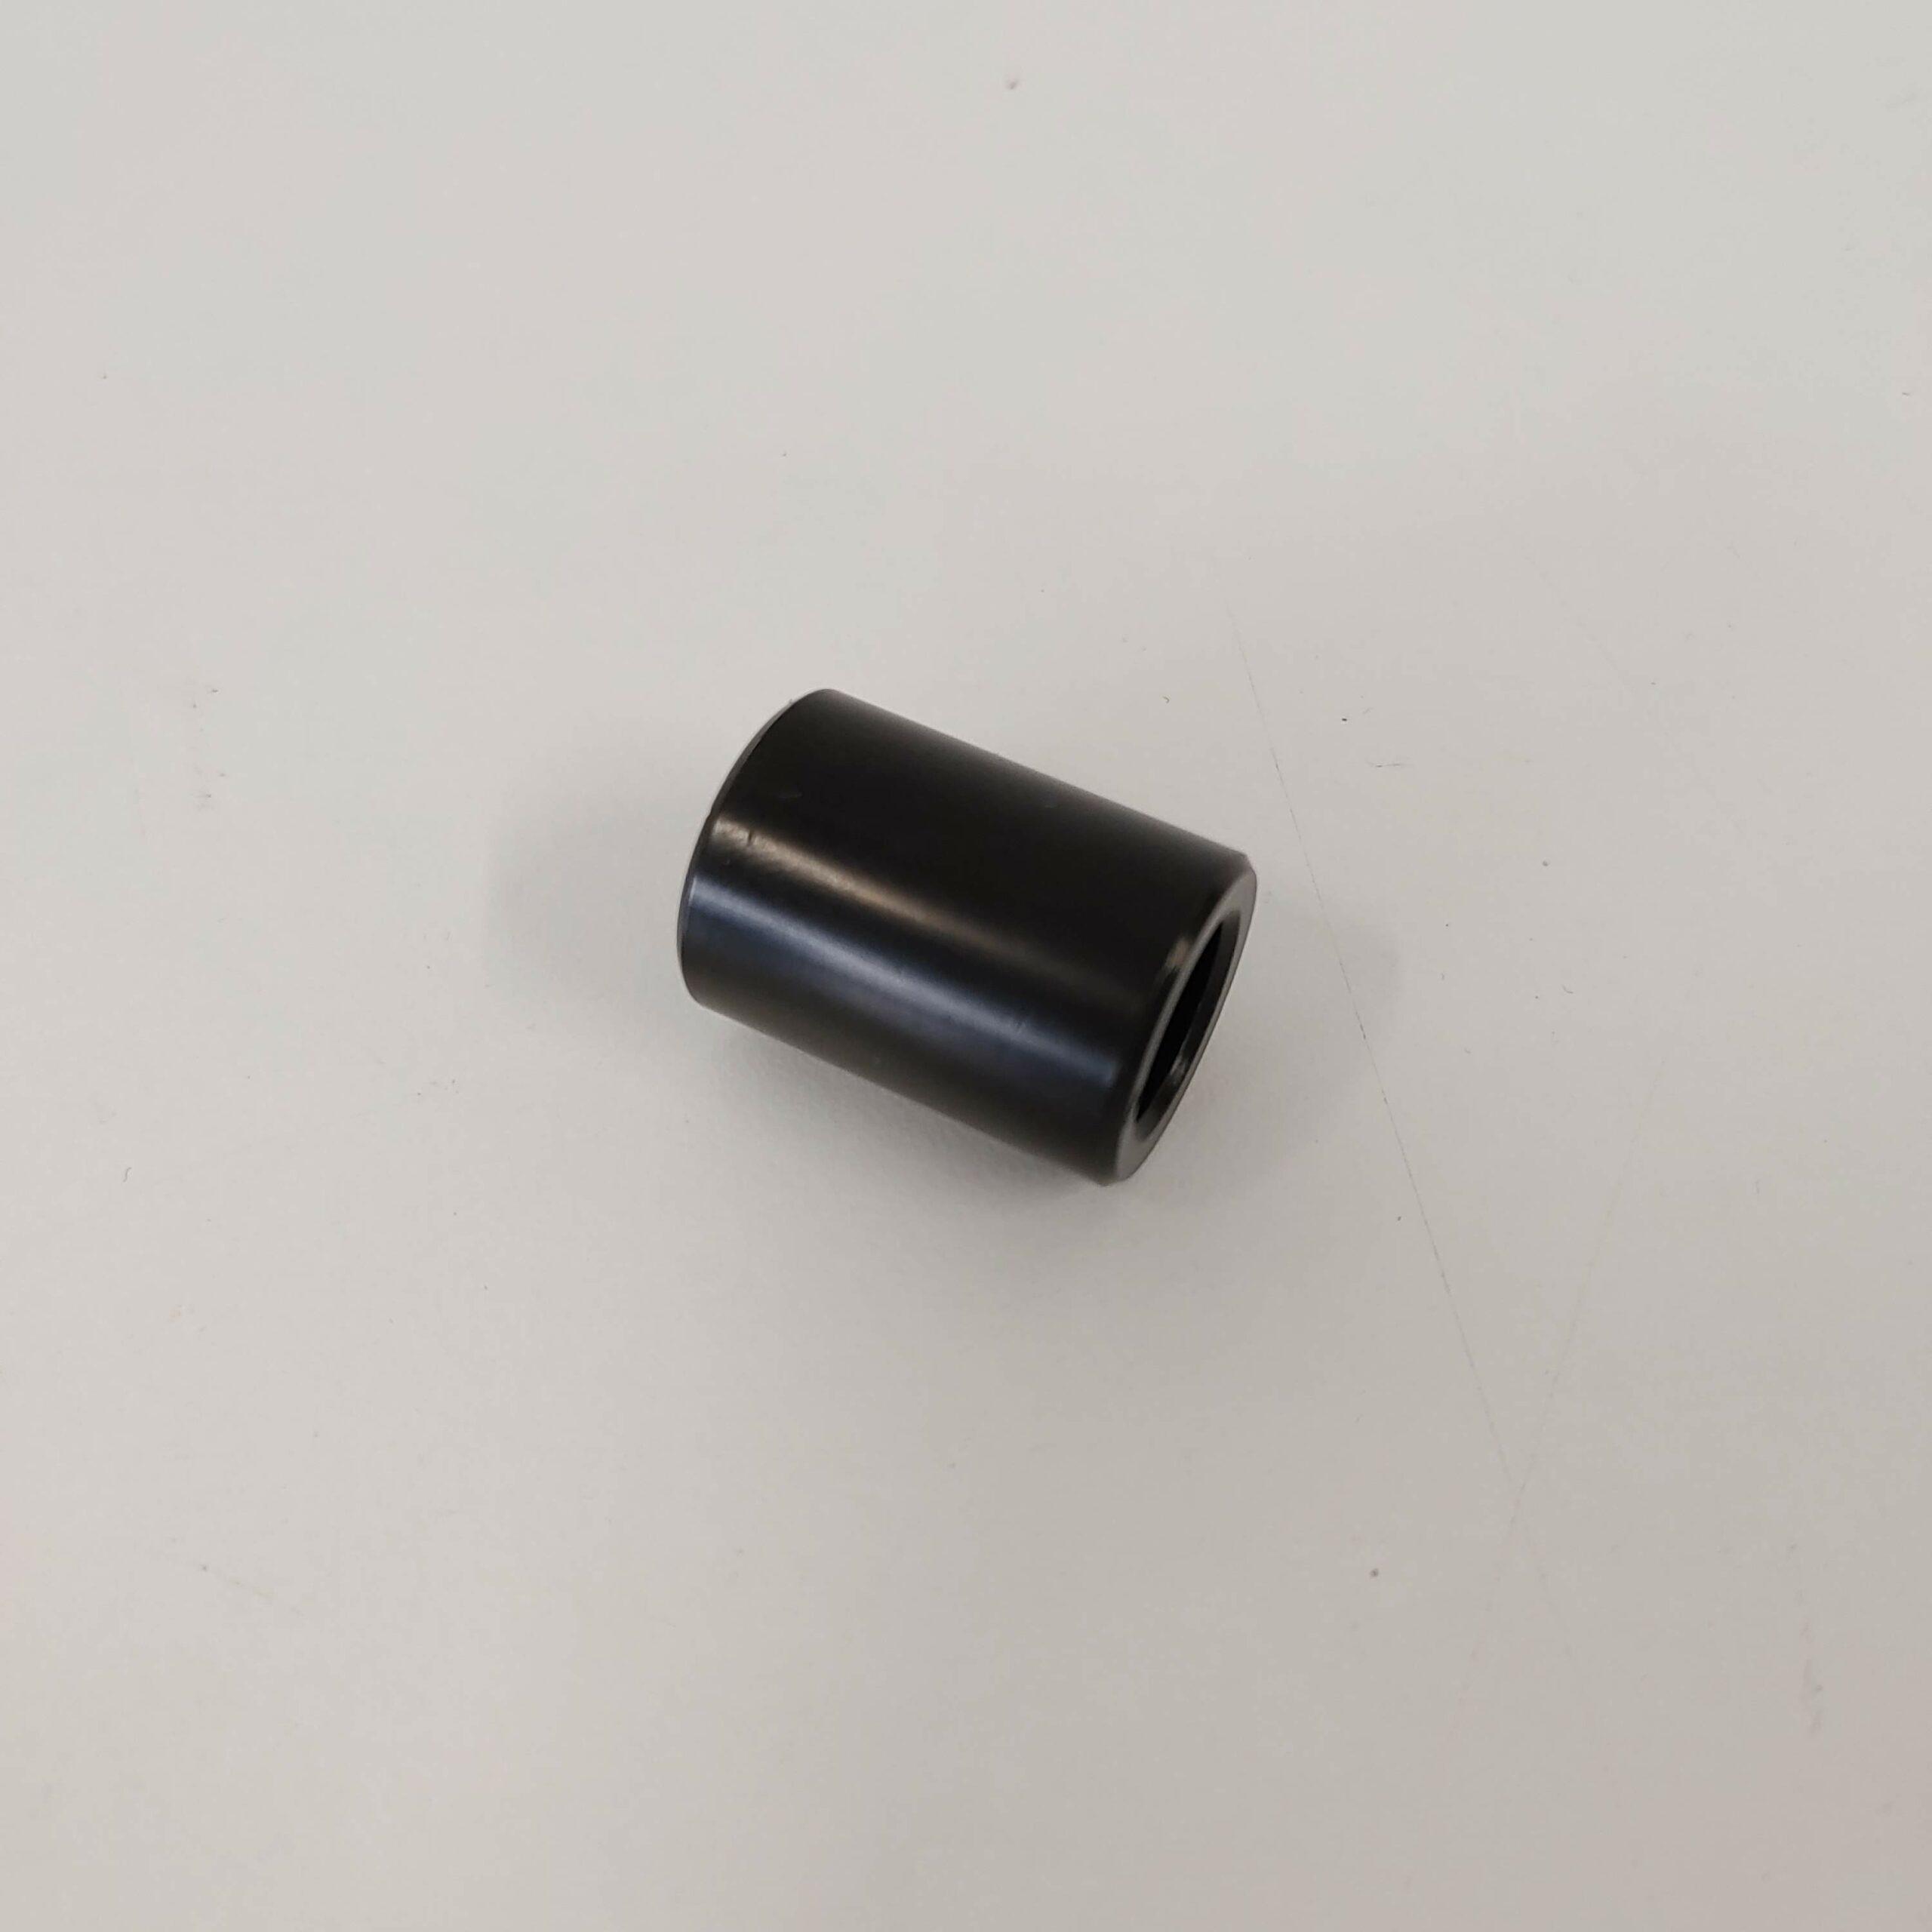 Hólkur fyrir felgubolta (fremri hægri) 10.5x16x22mm á Mantis 10 Lite